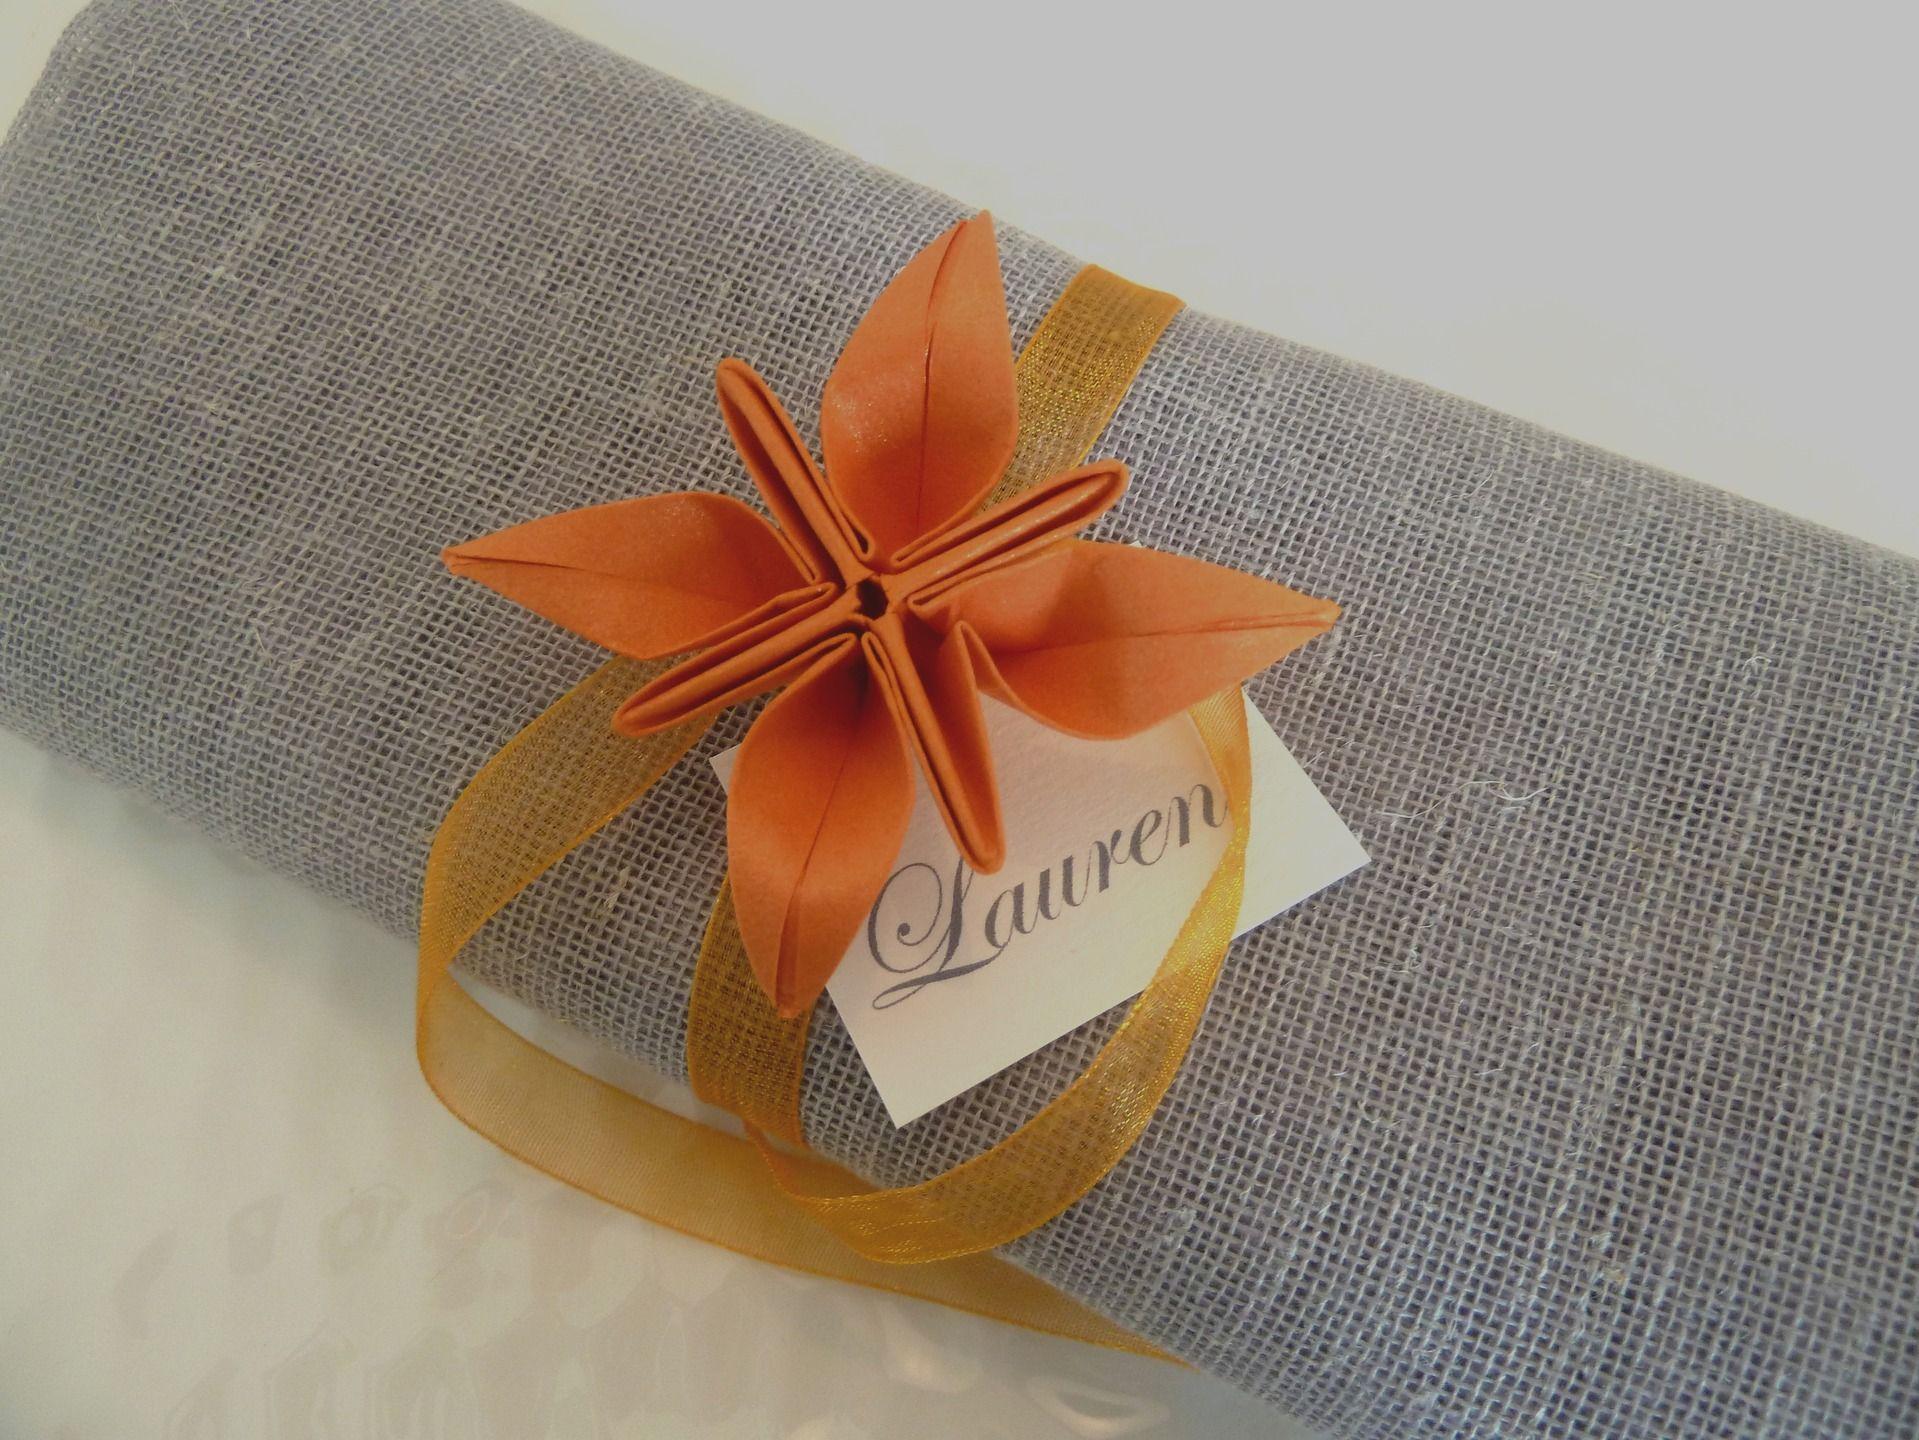 rond de serviette marques place pour mariage en origami fleur orange en papie d coration de. Black Bedroom Furniture Sets. Home Design Ideas